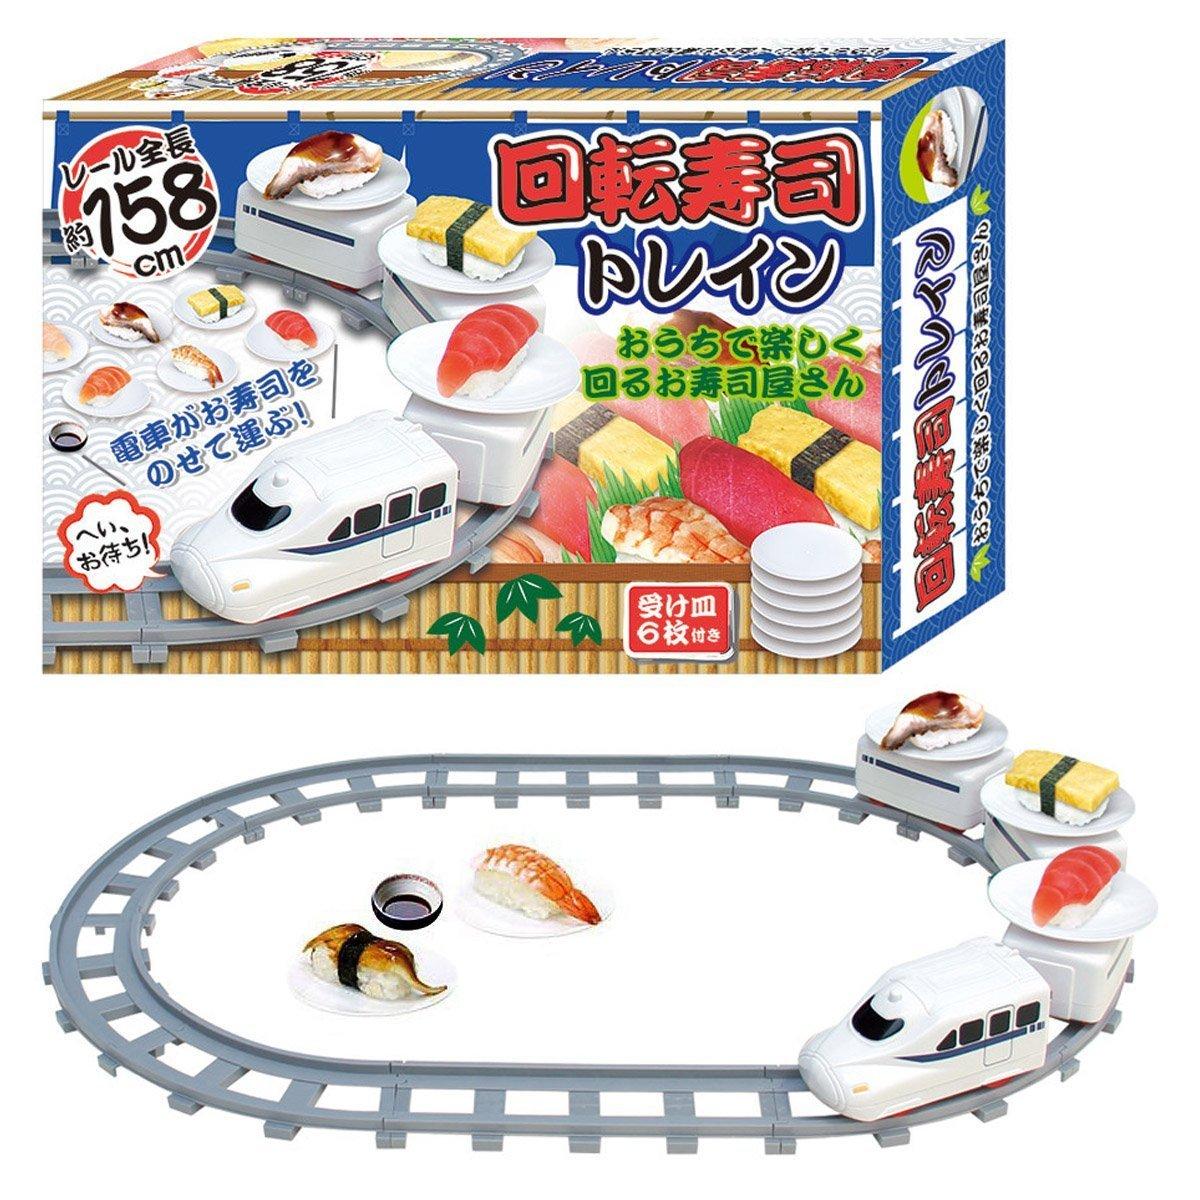 Rotating Sushi Bar at Home, Train Goes Around Peanut Club KK\00316